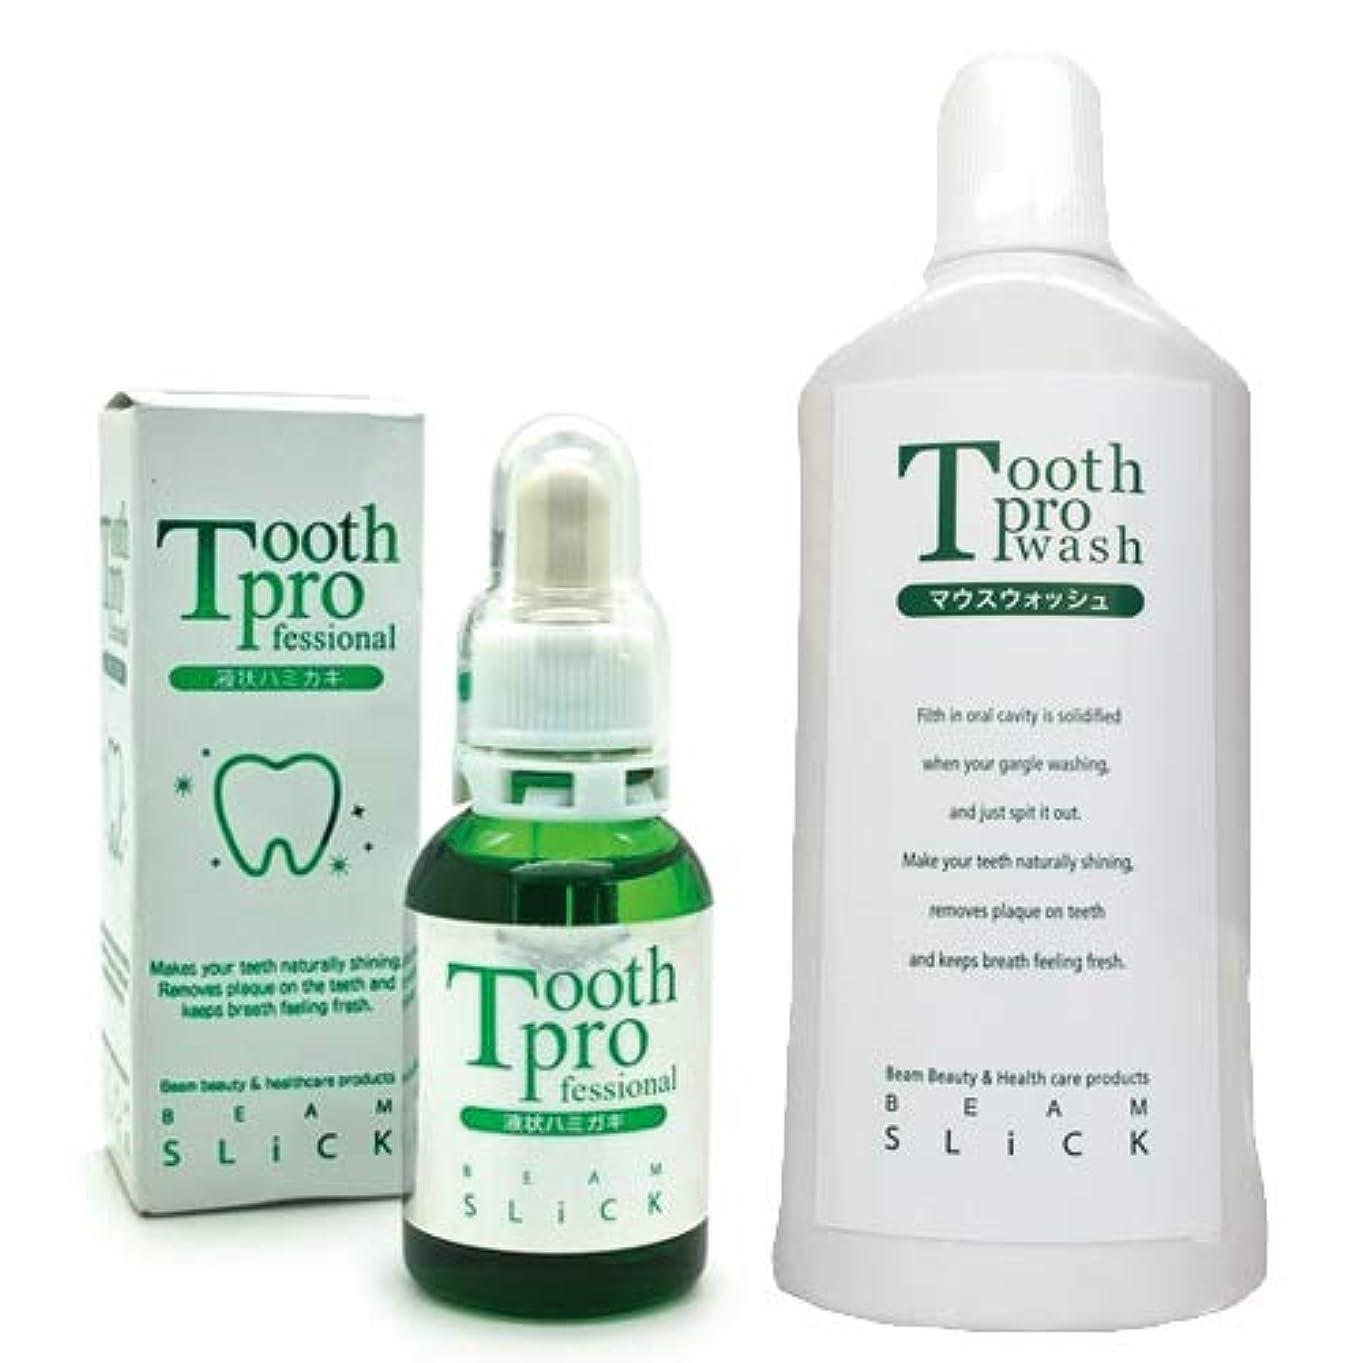 自分を引き上げる人類突然トゥースプロウォッシュ(Tooth Pro wash)500mL + トゥースプロフェッショナル(tooth professional) 20mL セット